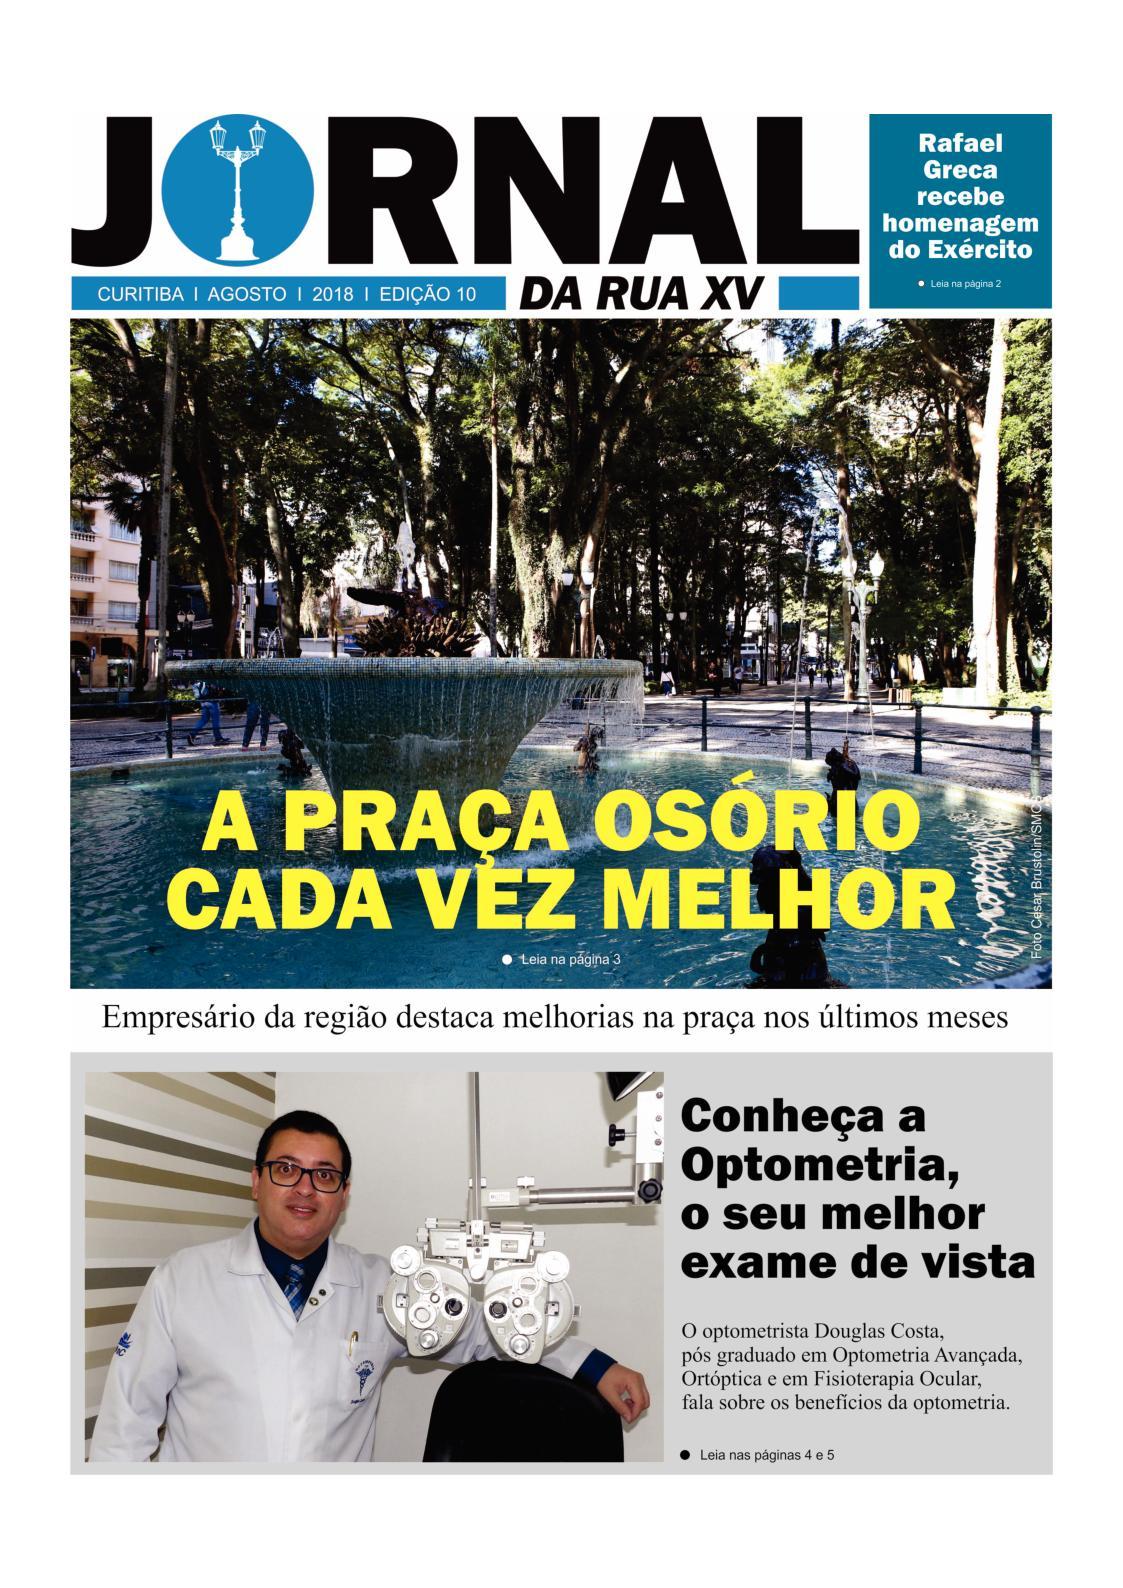 Calaméo - Jornal da Rua XV agosto 18 a1ec5e62d4f